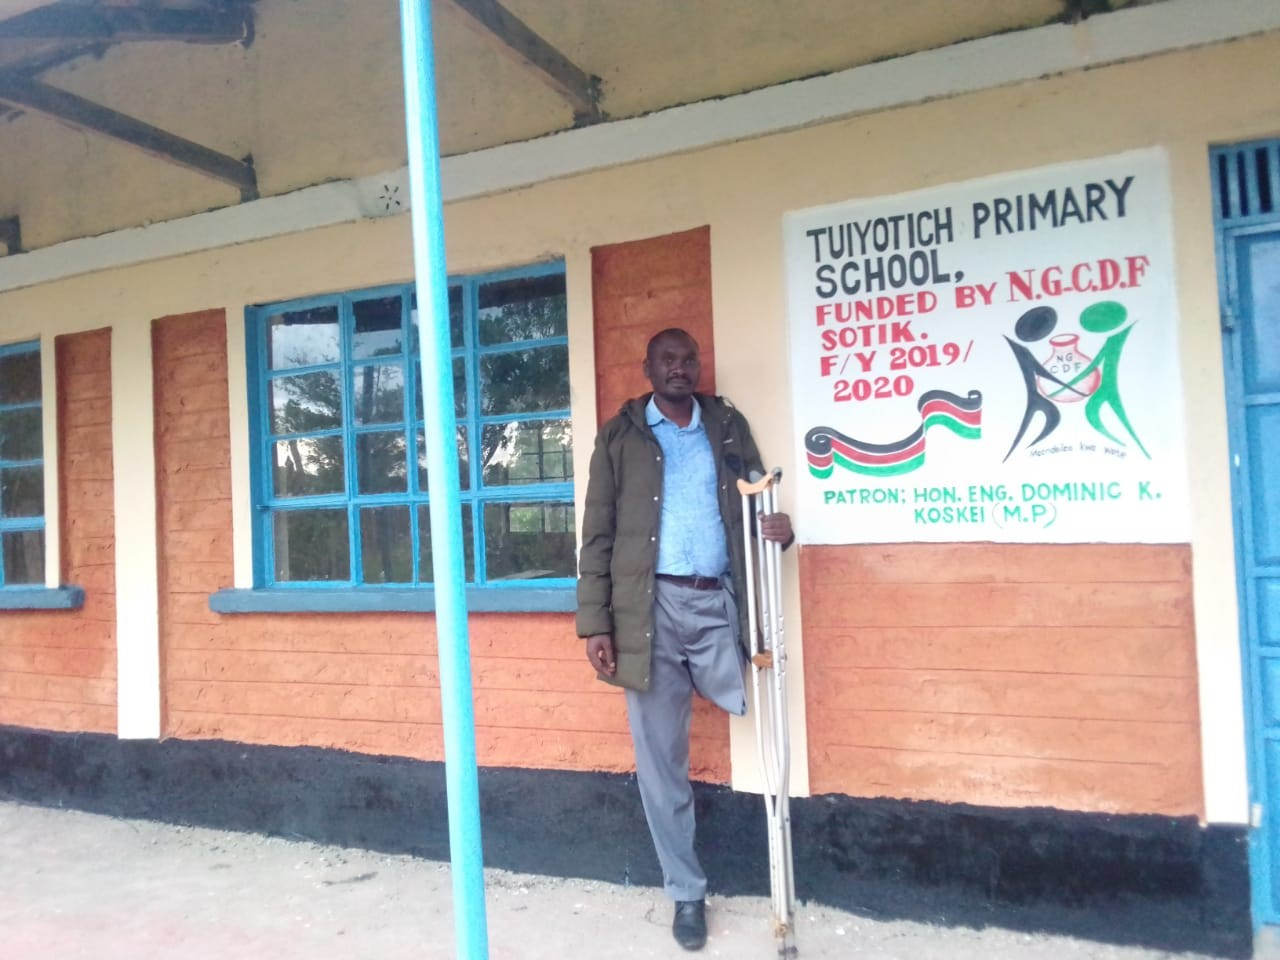 Tuiyotich Primary School